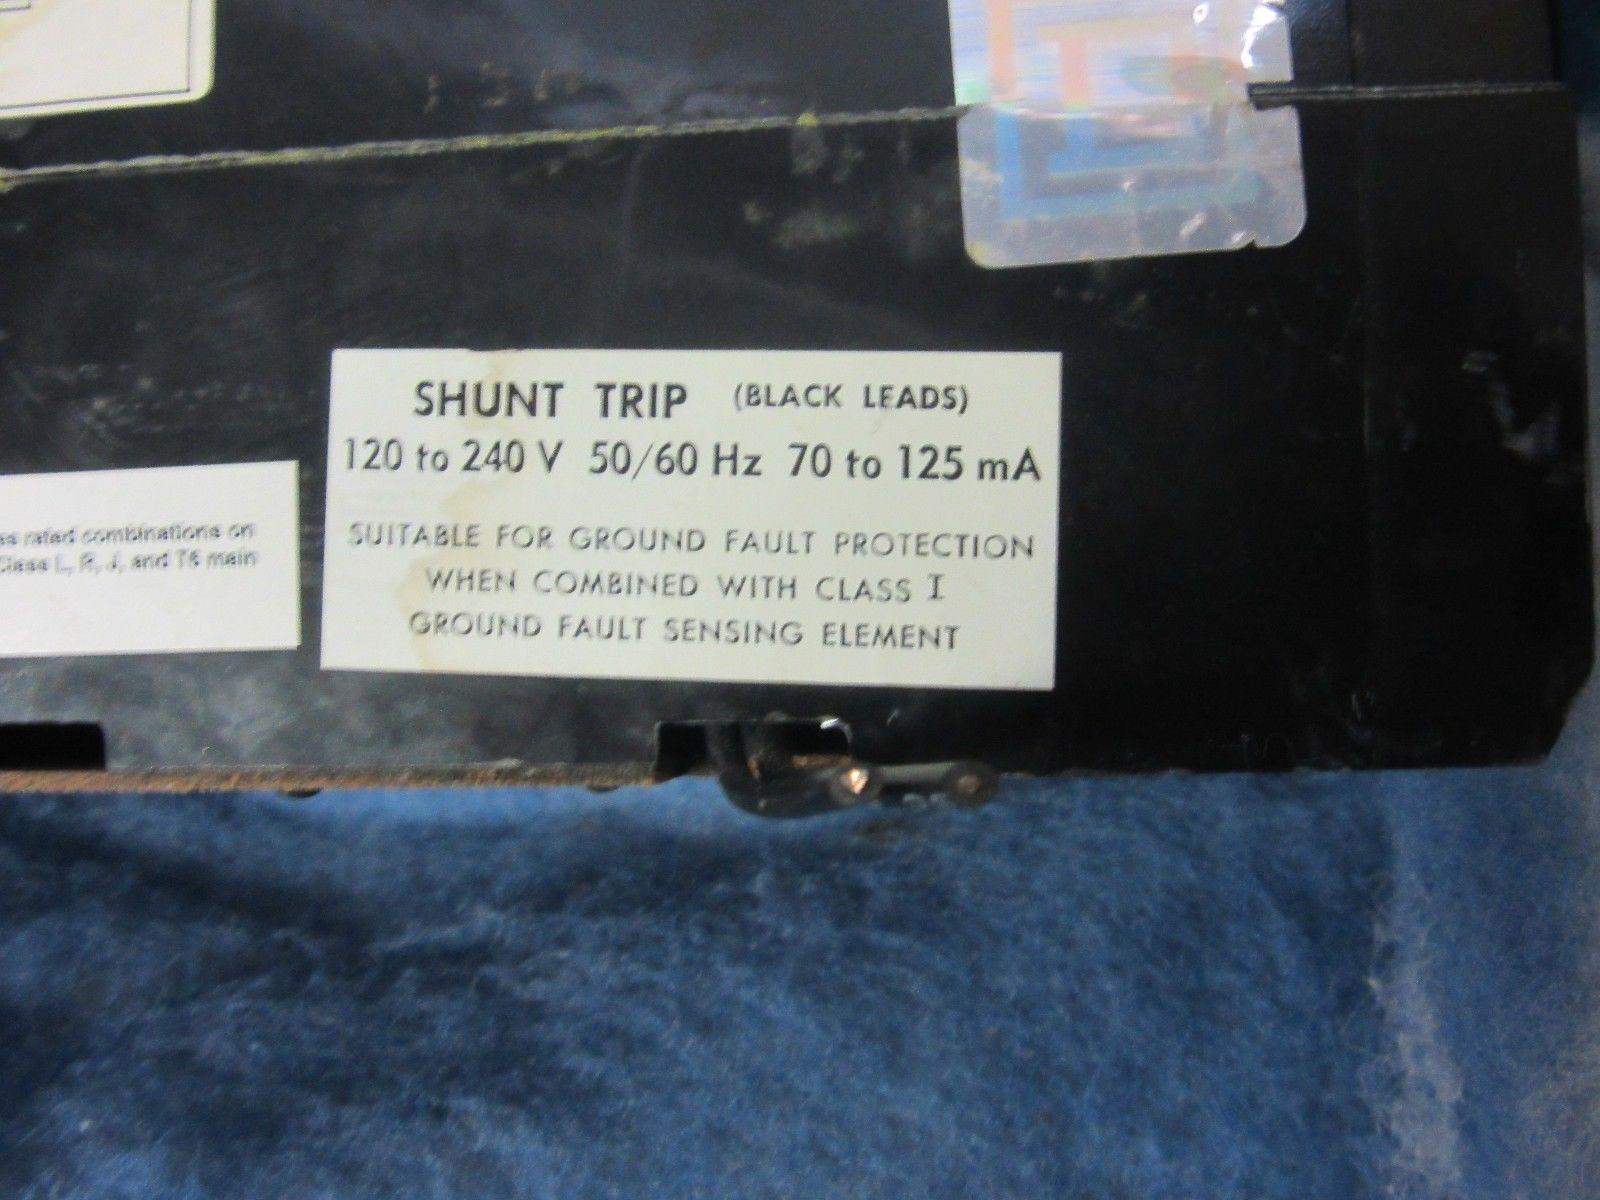 Square D 125 AMP Circuit Breaker Cat# KAL361251021 With Shunt Trip